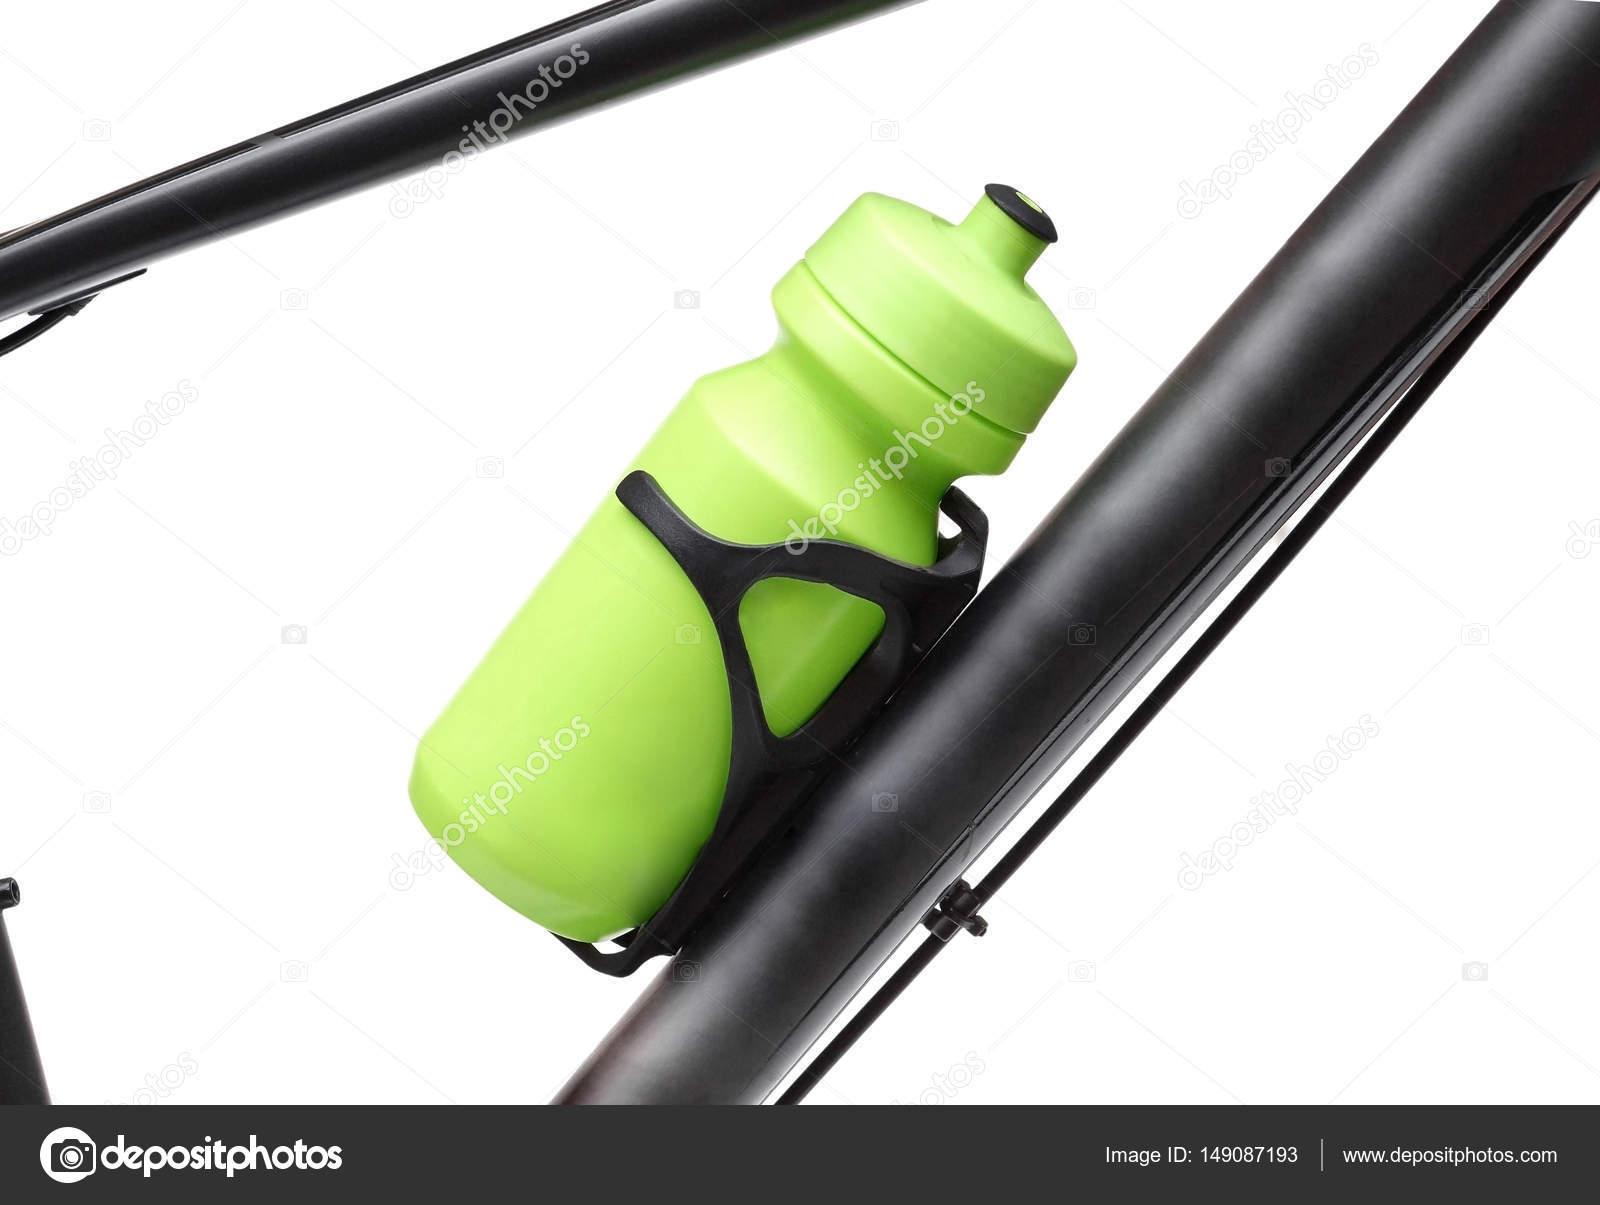 Fantastisk Cykel vattenflaska — Stockfotografi © weerapat #149087193 PZ-41